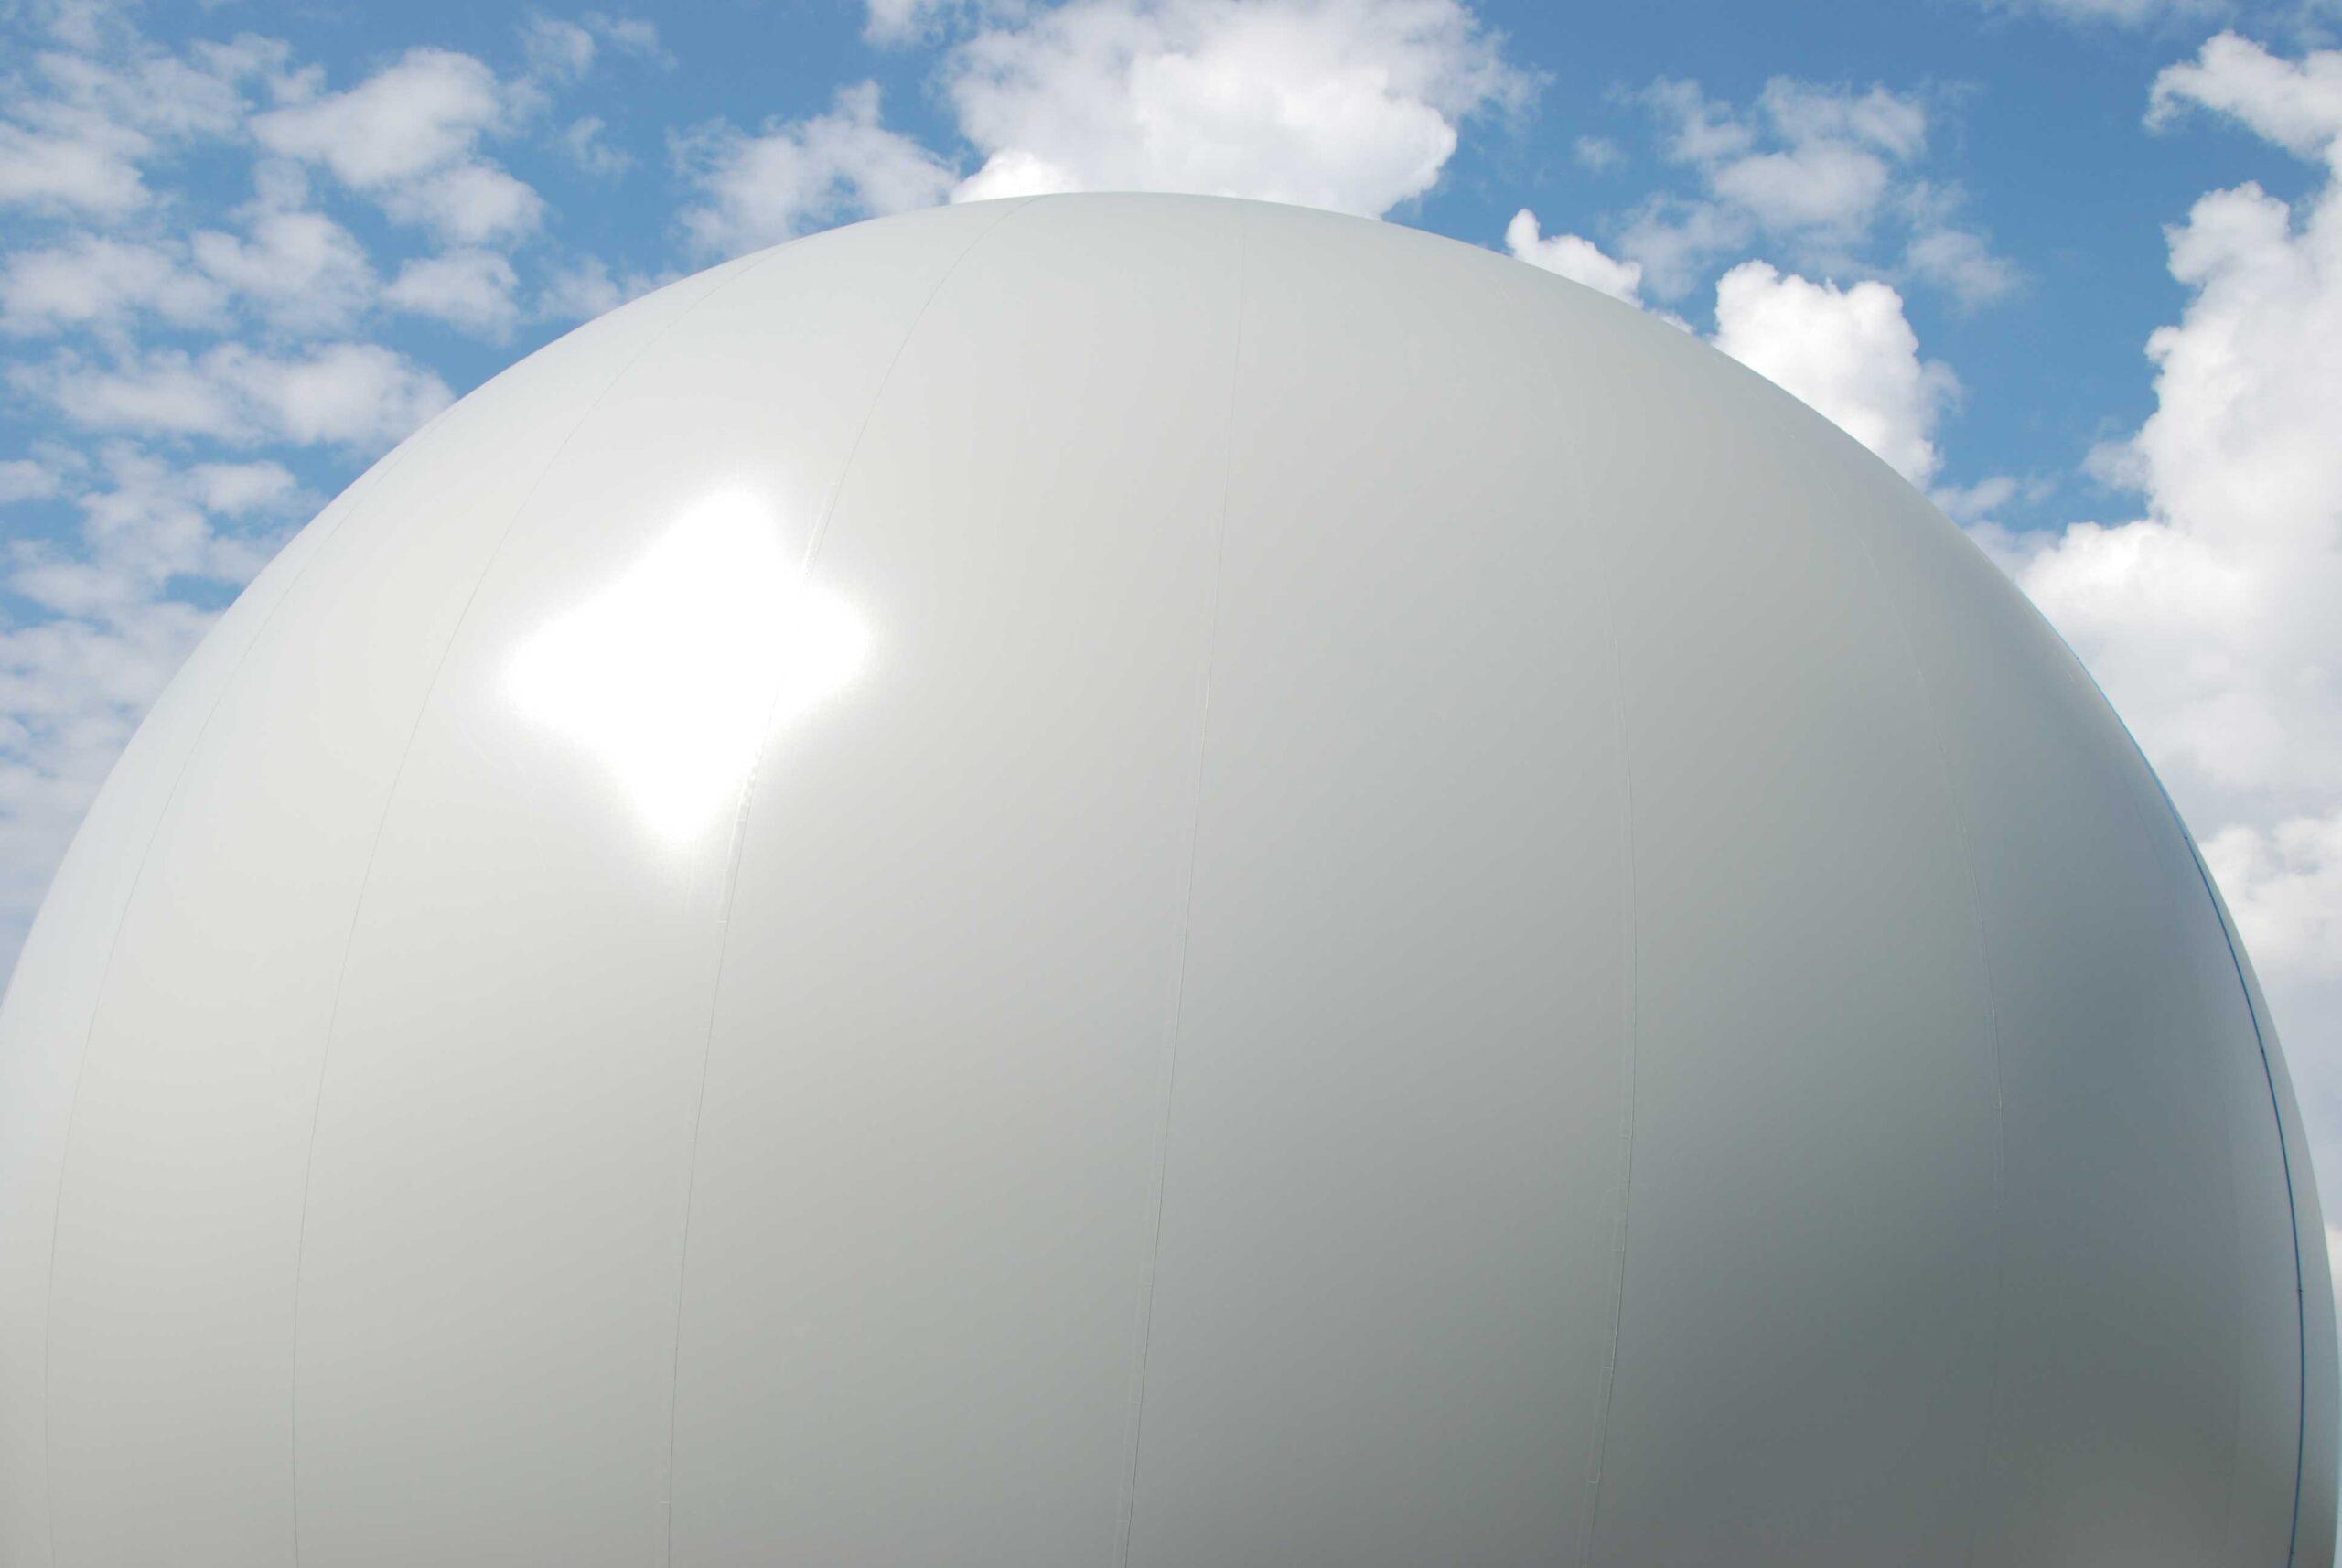 Harmaa kuplamainen kaasupallo, joka varastoi biolaitoksen tuottamaa biokaasua.